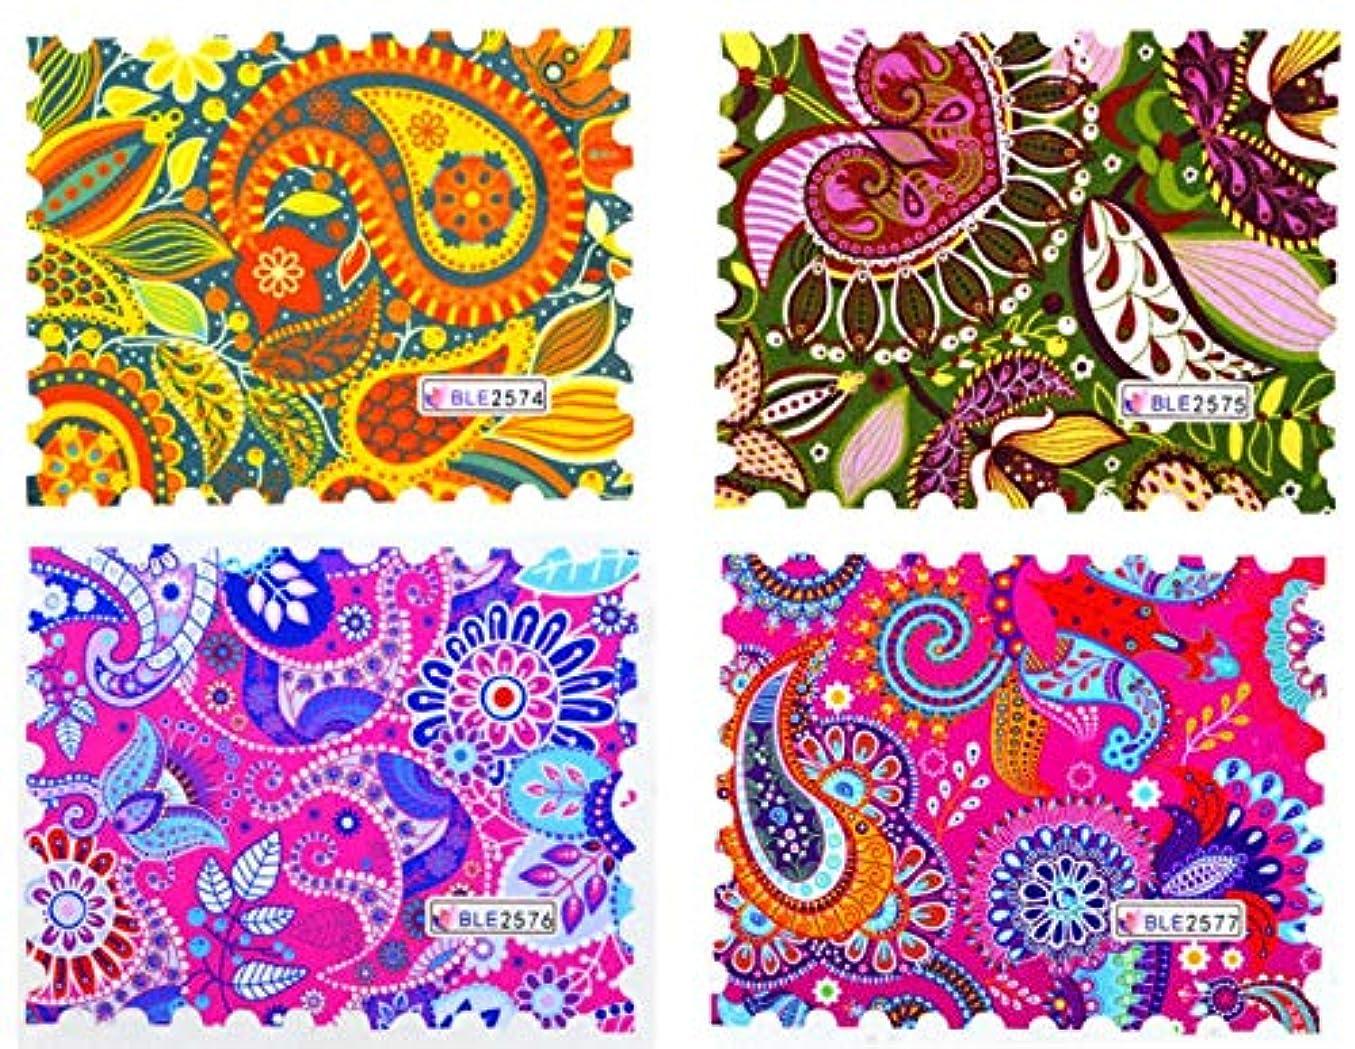 習慣誰でもロゴSUKTI&XIAO ネイルステッカー 4枚ネイルアートチャーム水転写ステッカーバインズフィギュアフルデカール装飾上の爪のヒント入れ墨透かし、2574から2577